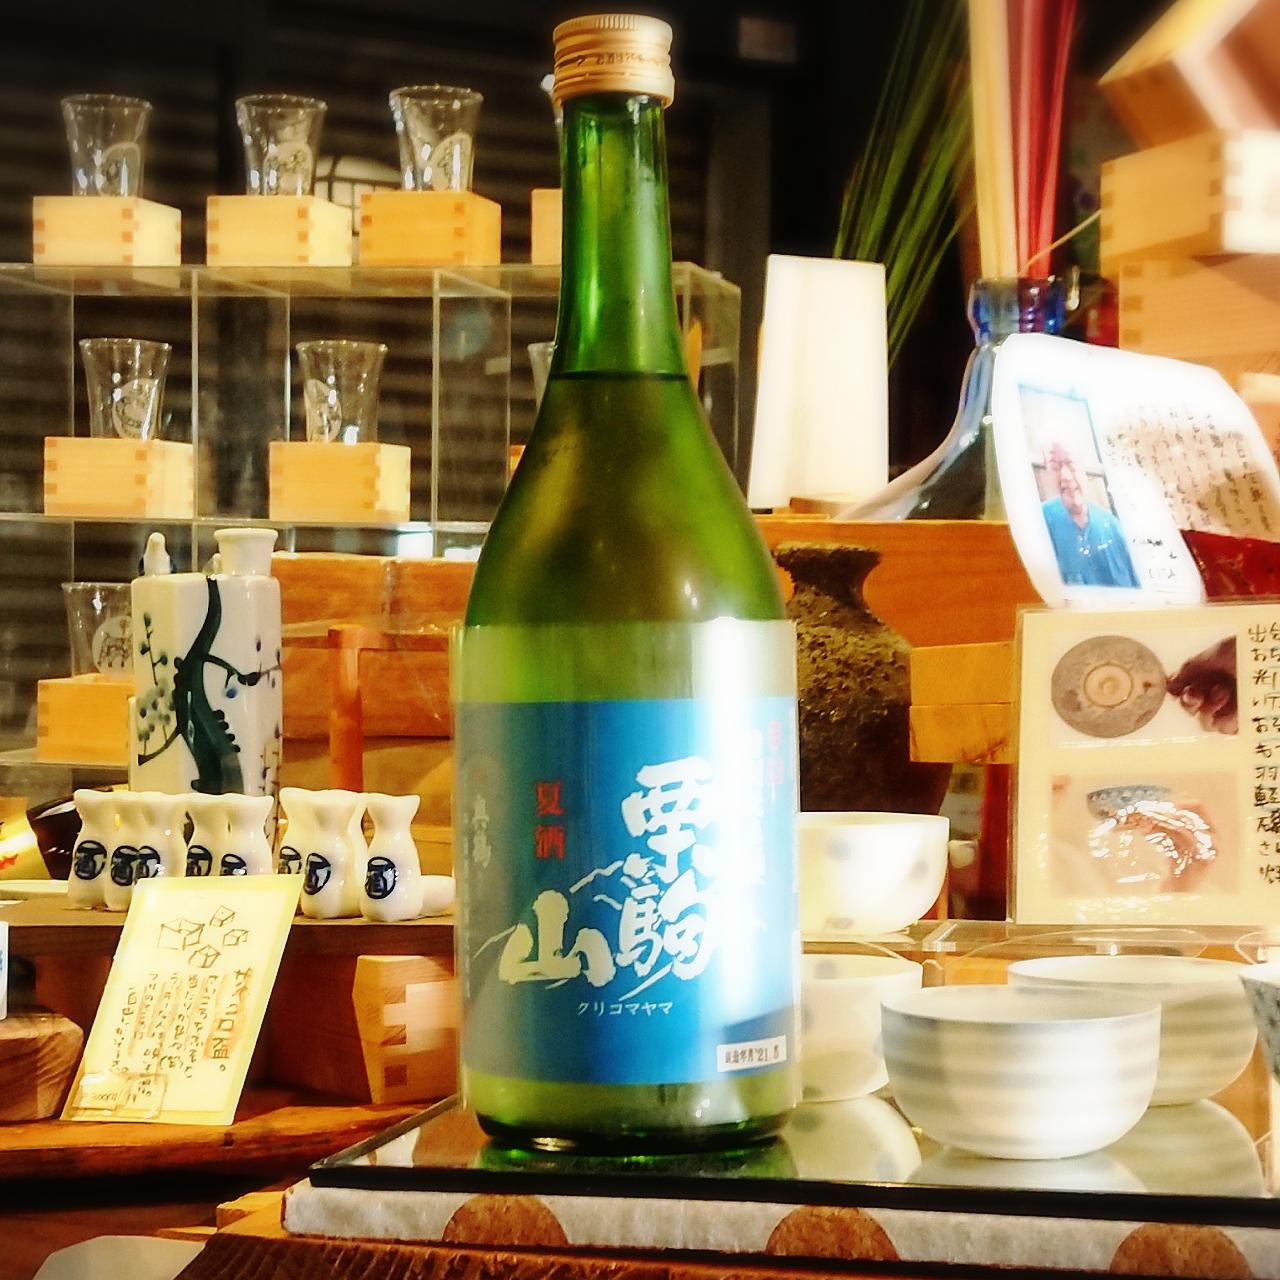 【夏酒】栗駒山 辛口特別純米 夏酒~爽やかな柑橘系、夏が似合う、あぁこれが栗駒の夏。